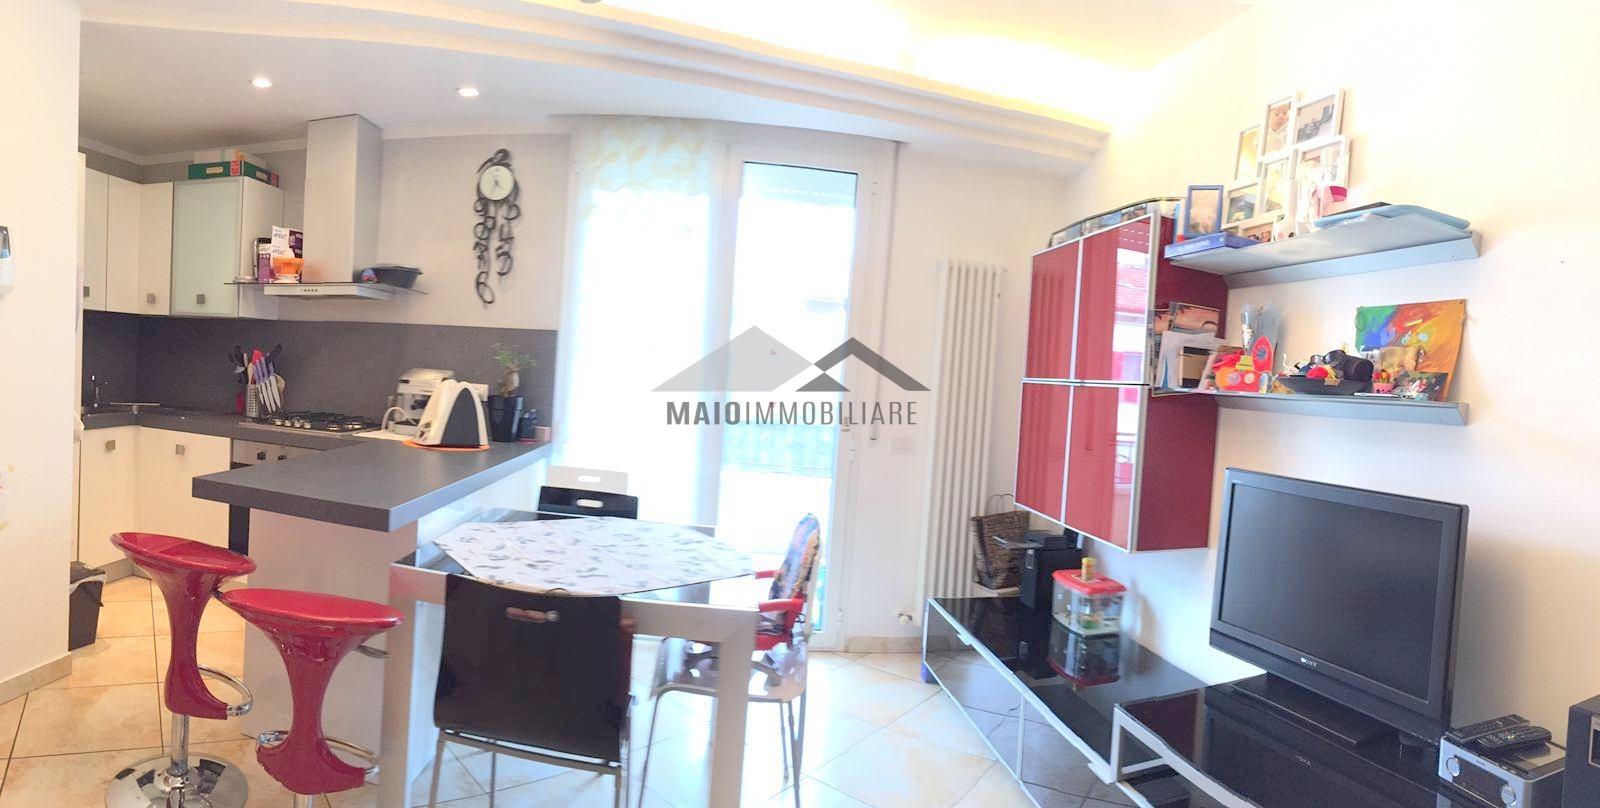 Appartamento in vendita a Riccione, 3 locali, zona Località: PRIMACOLLINA, prezzo € 250.000 | Cambio Casa.it